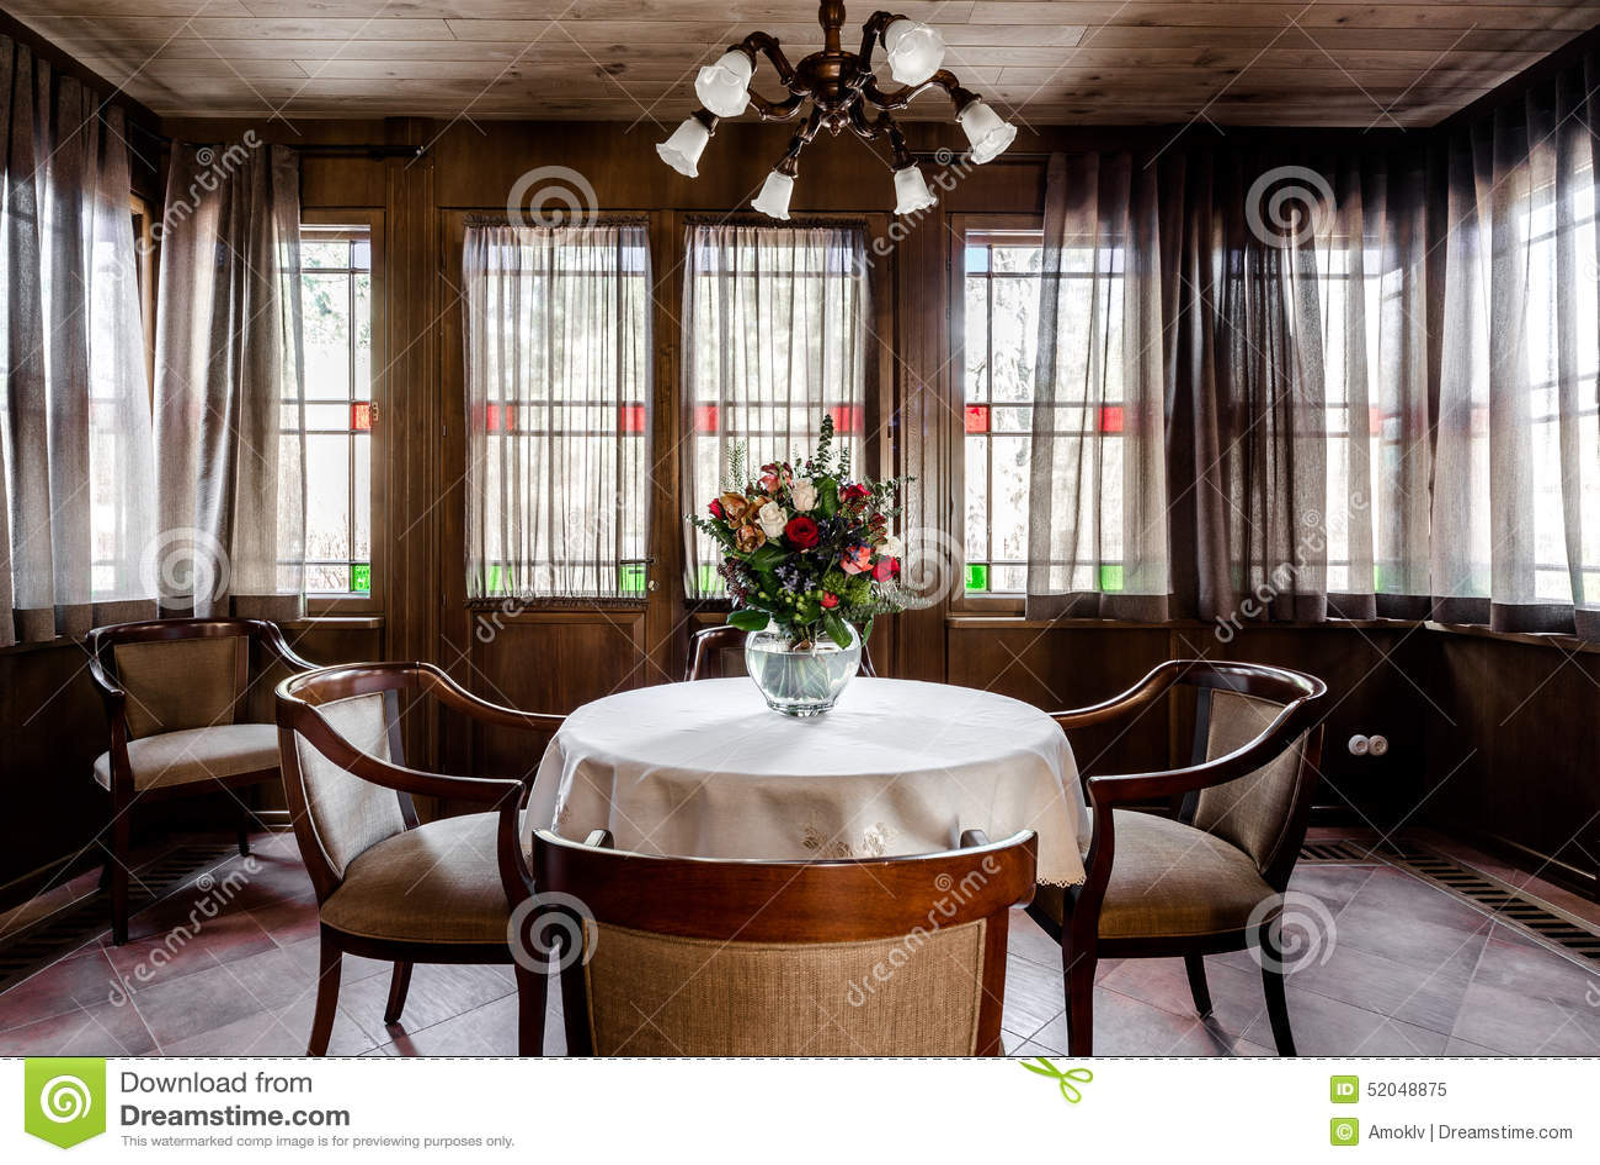 Progettazione Contemporanea Della Sala Da Pranzo Stanza Di Glassed Con  #281810 1300 963 Sala Da Pranzo Arte Contemporanea